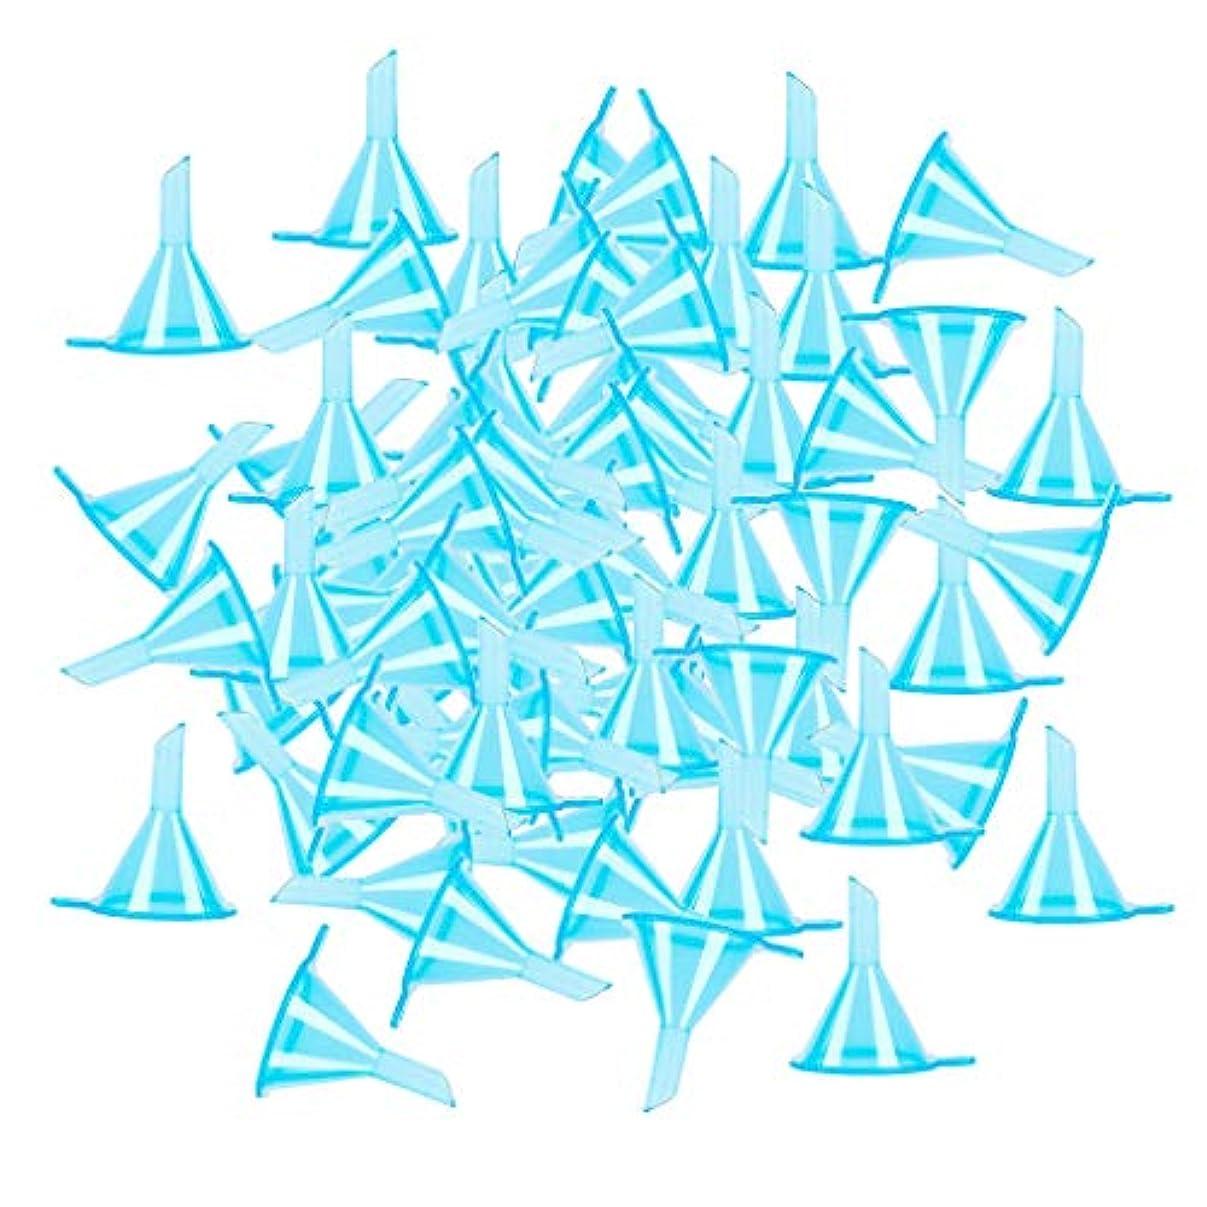 下線ぼんやりした文法T TOOYFUL 100個セット 液体 香水用 小分けツール ミニ ファンネル エッセンシャルオイル 全3色 - ブルー